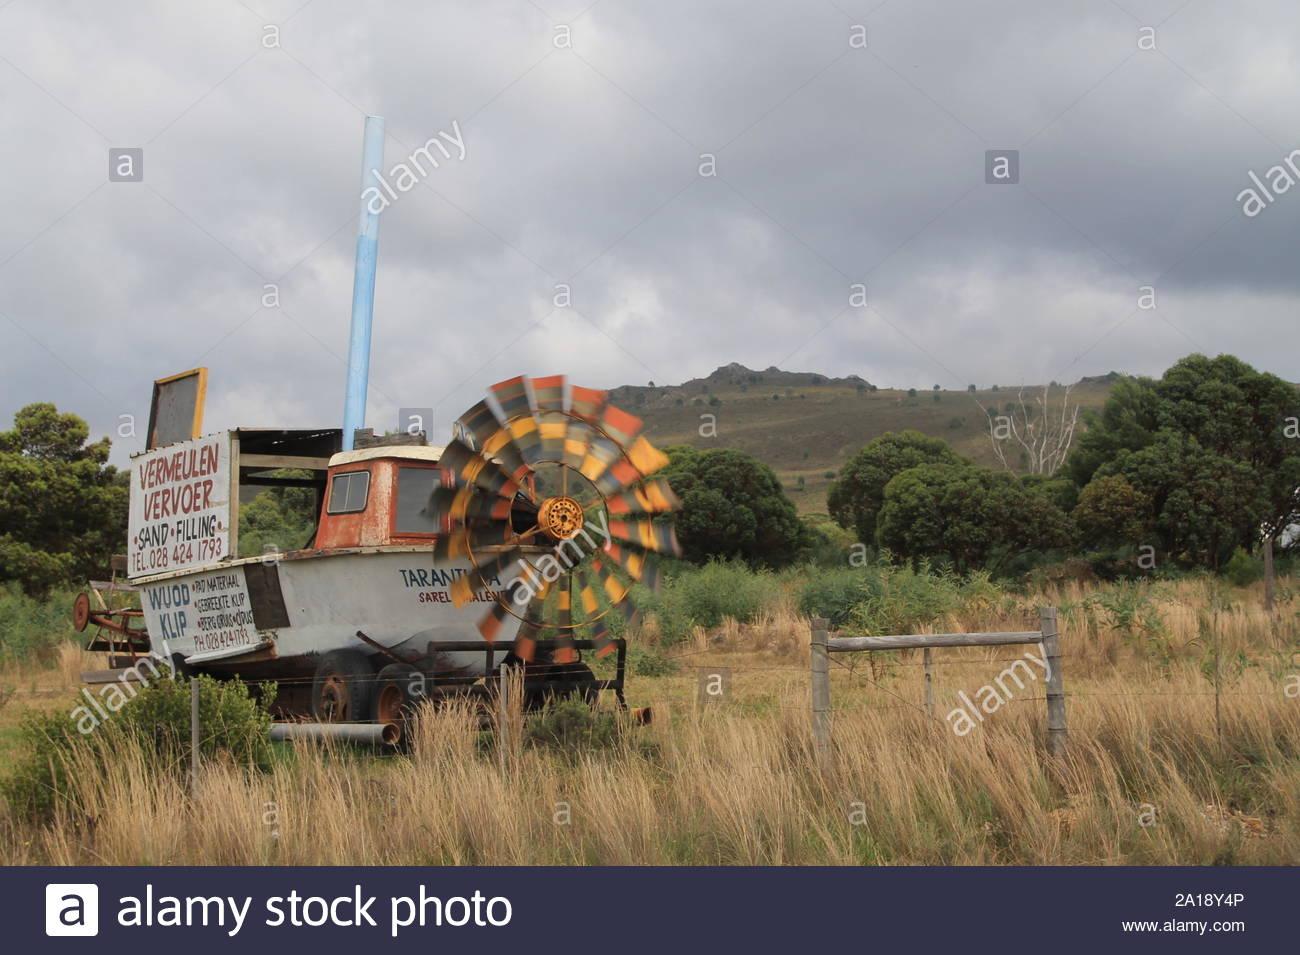 Bootswindrad in Südafrikanischem Busch Stock Photo